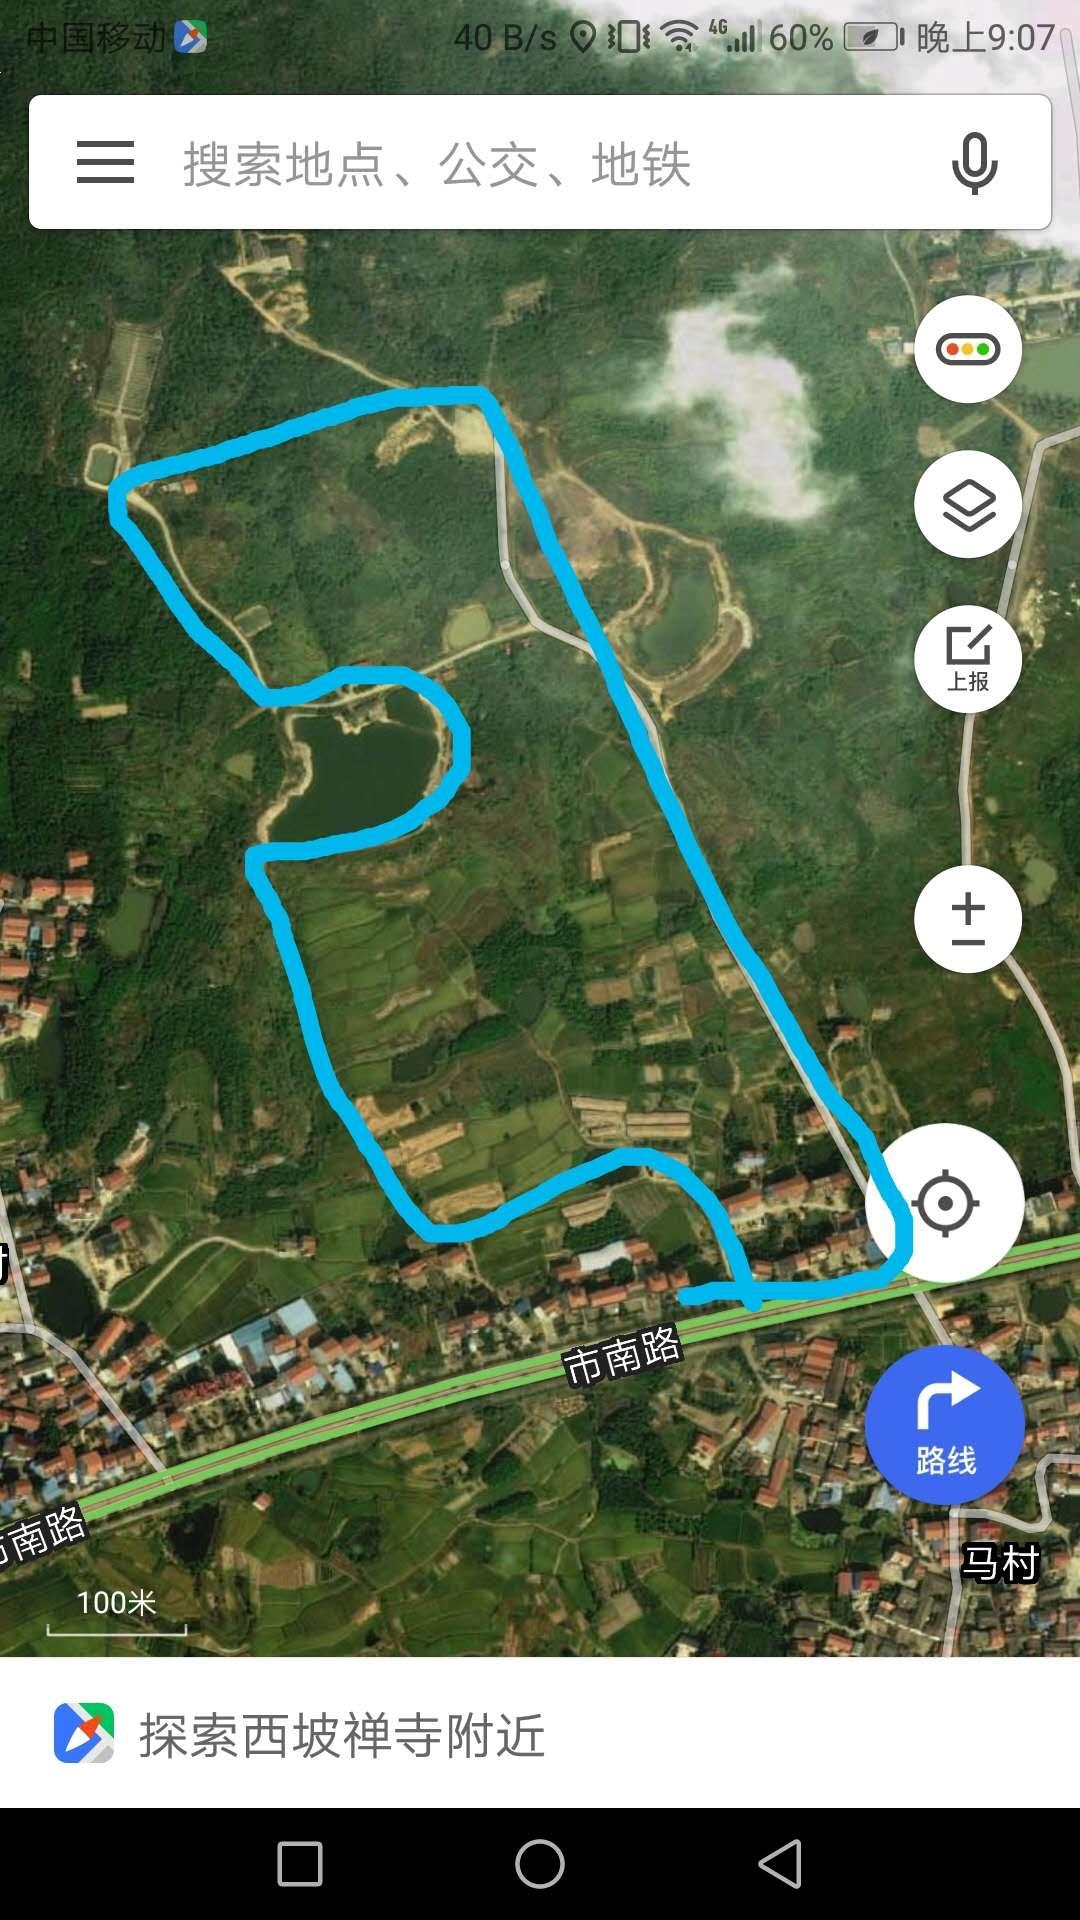 微信图片地图